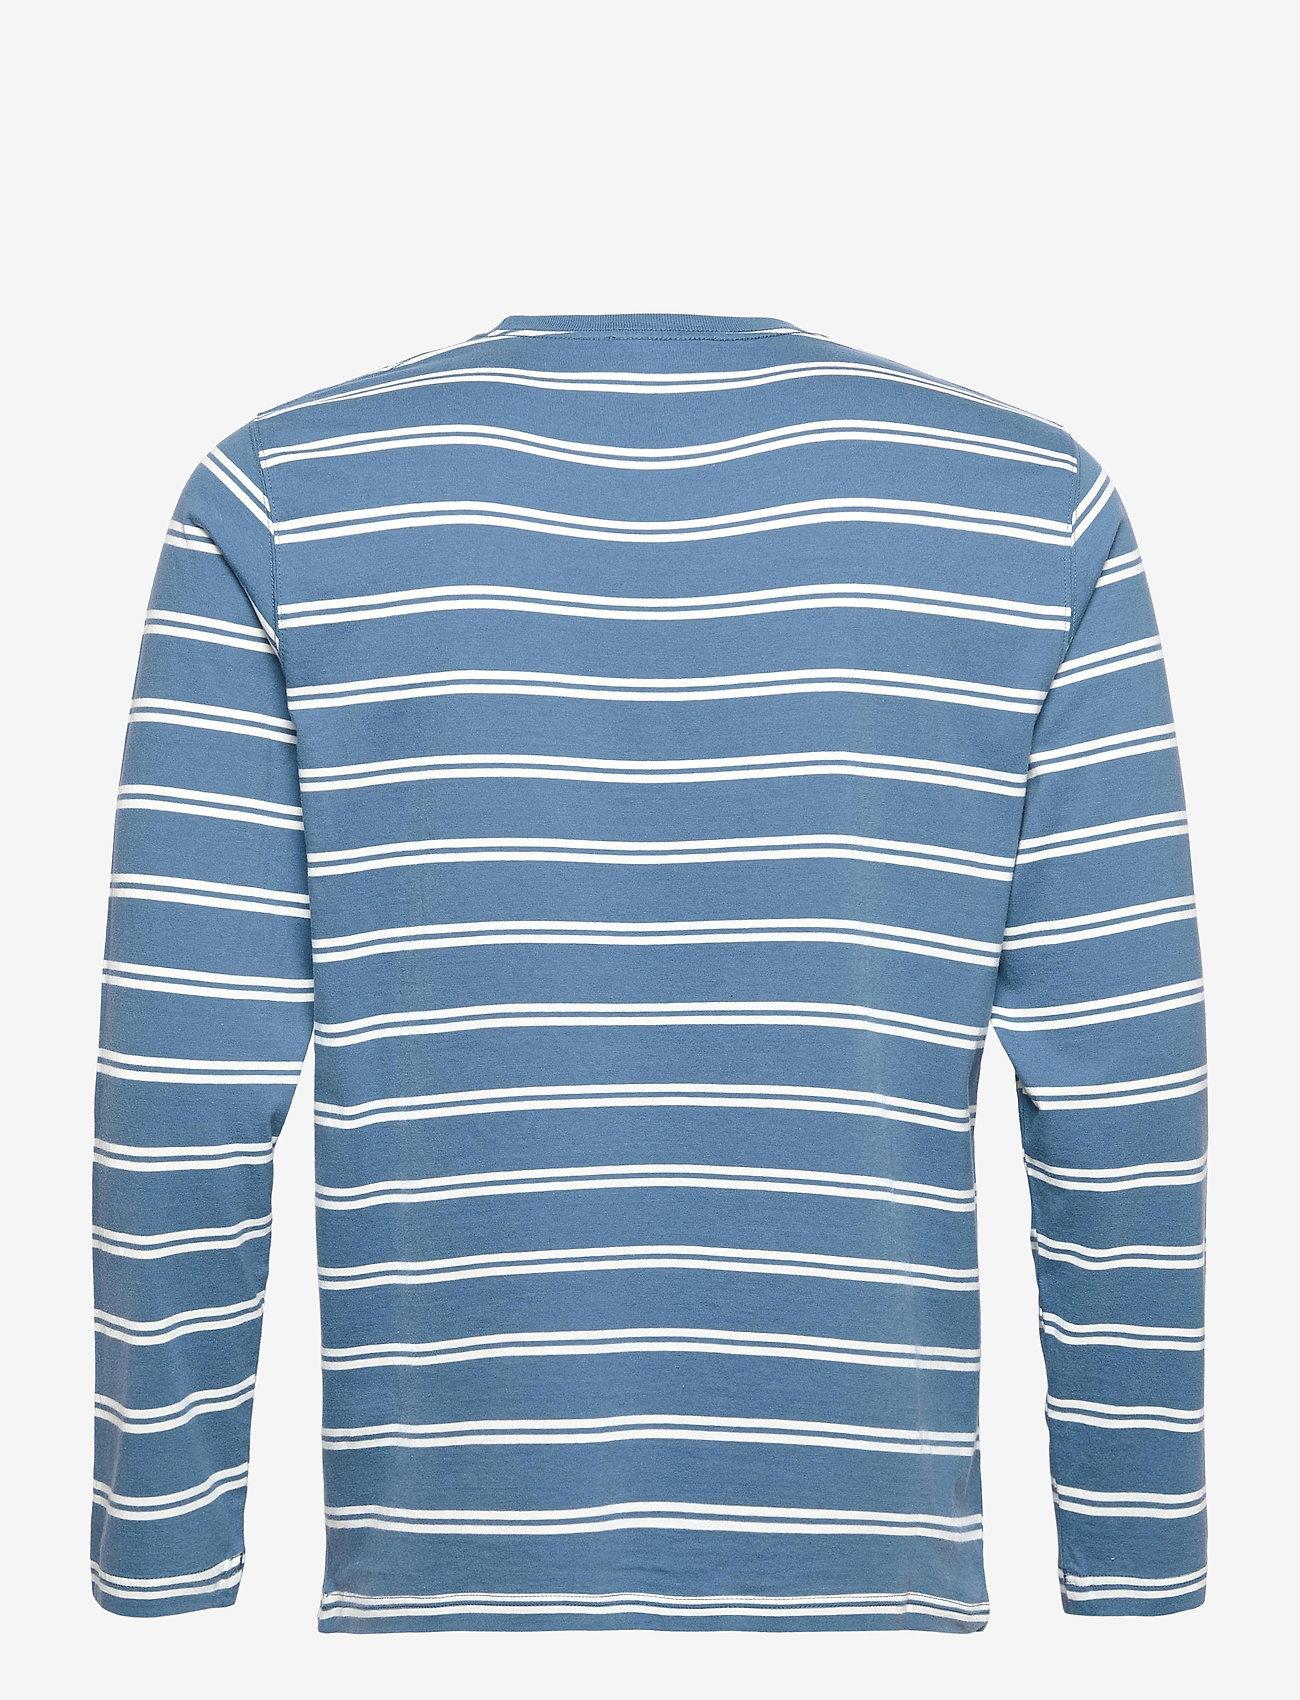 Wood Wood - Peter stripe long sleeve - lange mouwen - blue stripes - 1